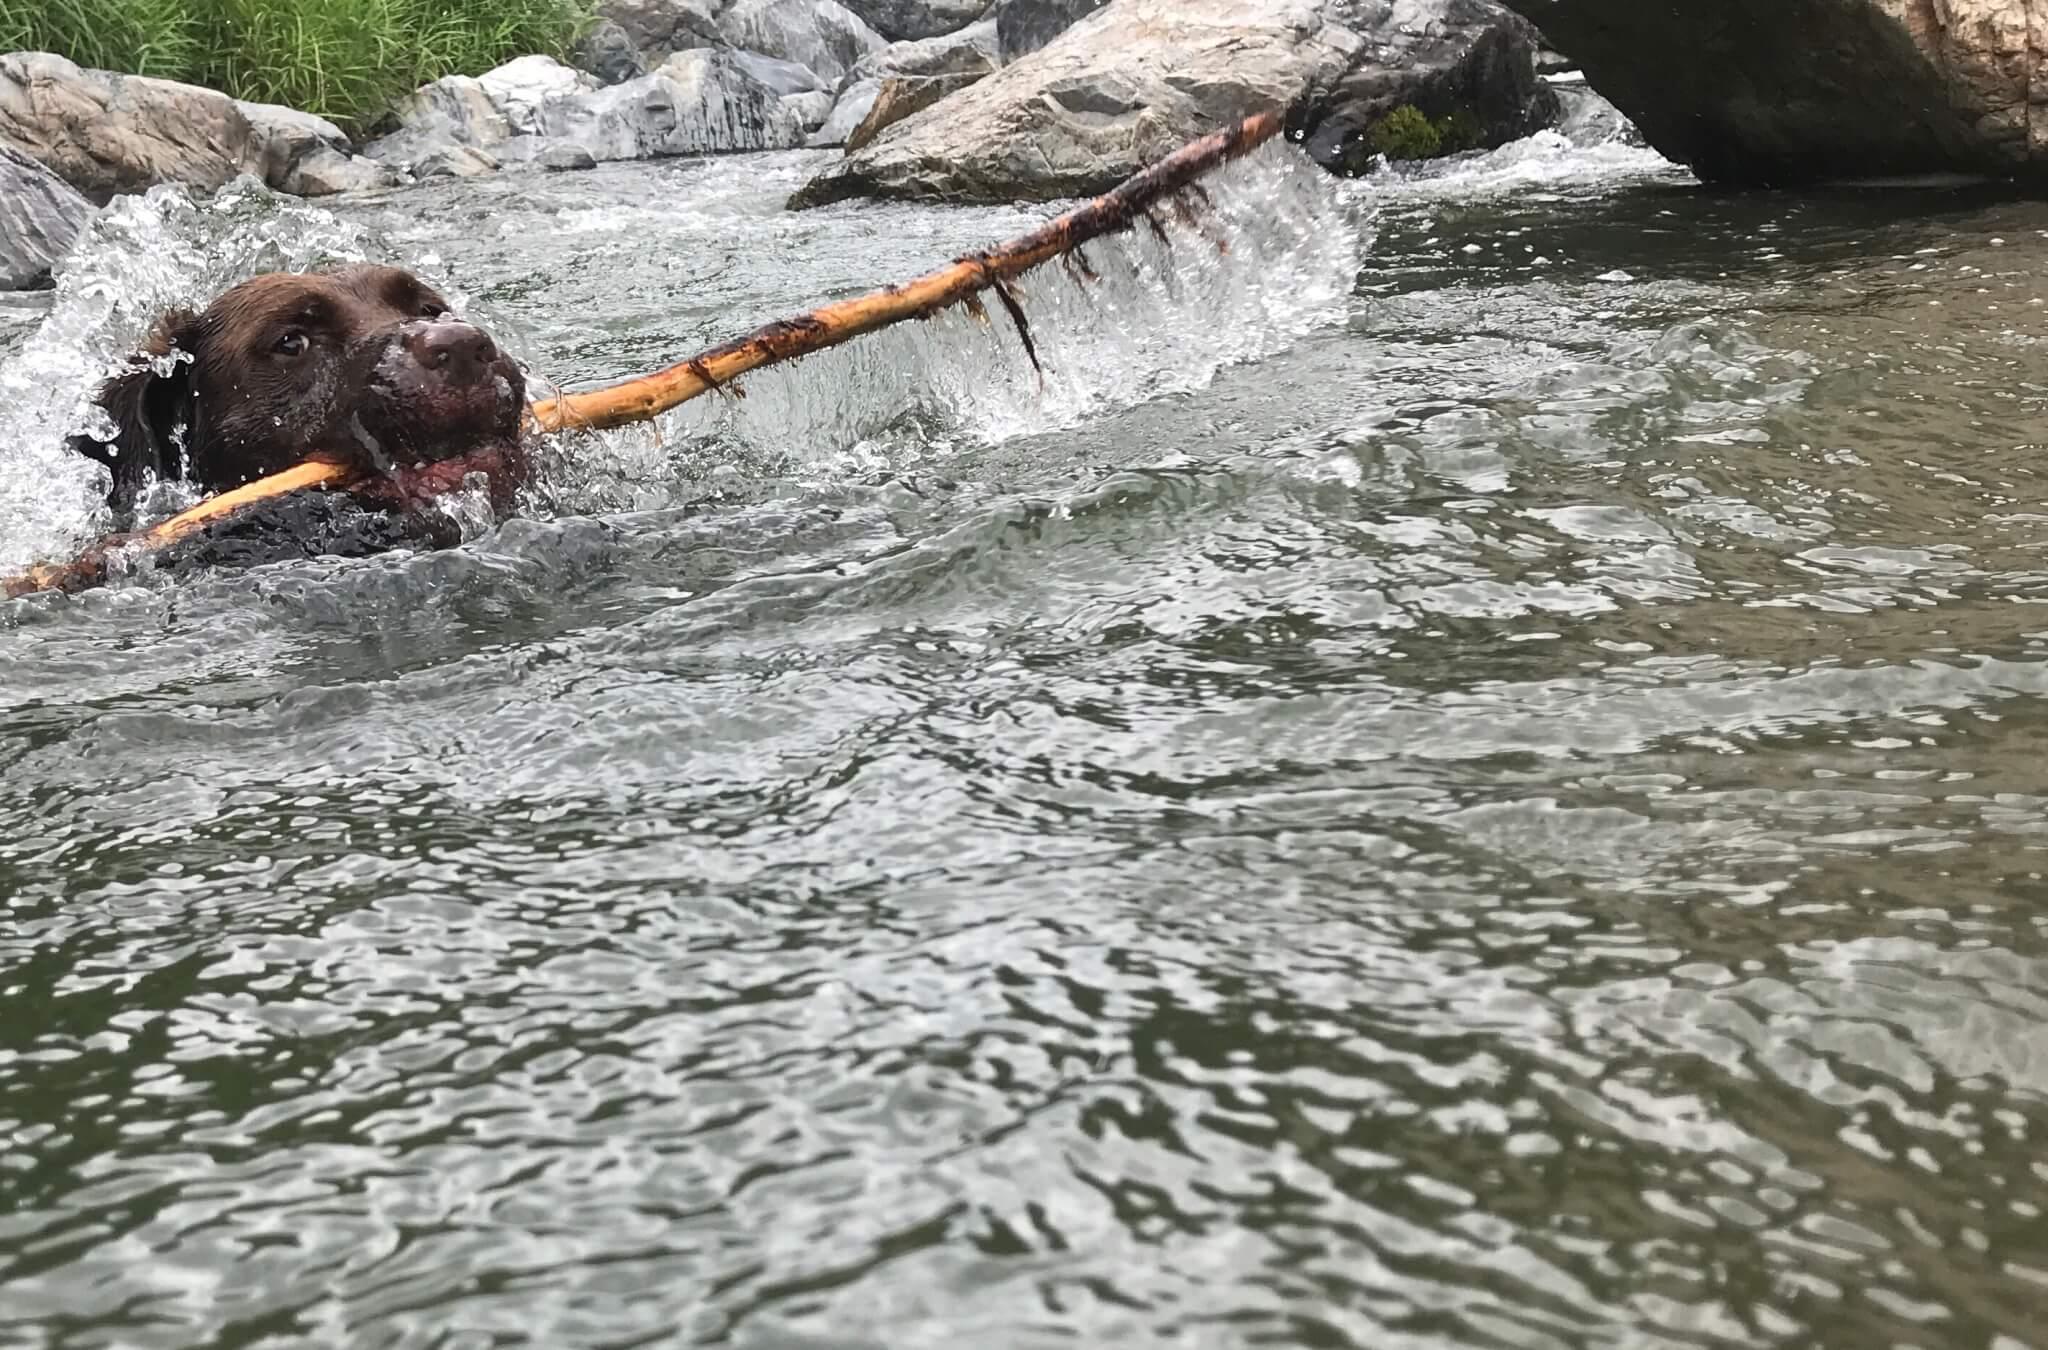 摂津峡公園 犬 川遊び 芥川 ラブラドールレトリバー 木を咥える犬